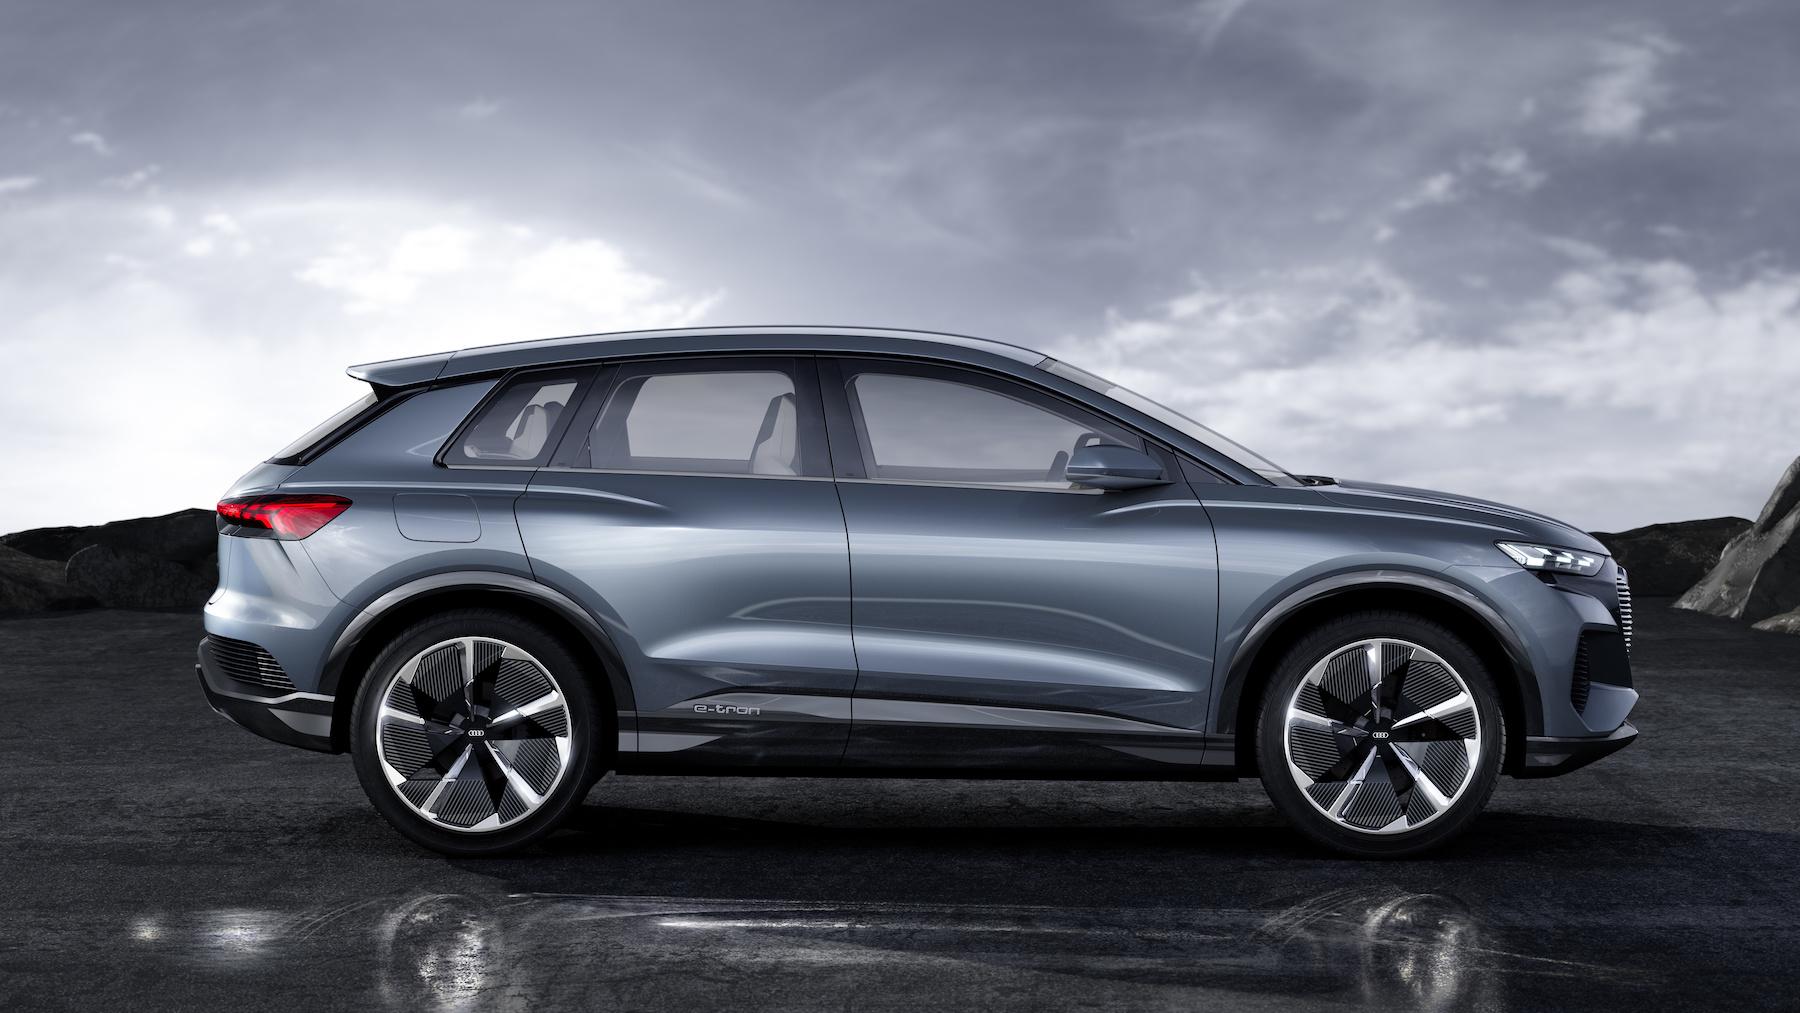 Parafanghi pronunciati e linea sportiva del tetto conferiscono all'Audi Q4 e-tron concept un look dinamico. (AUDI)